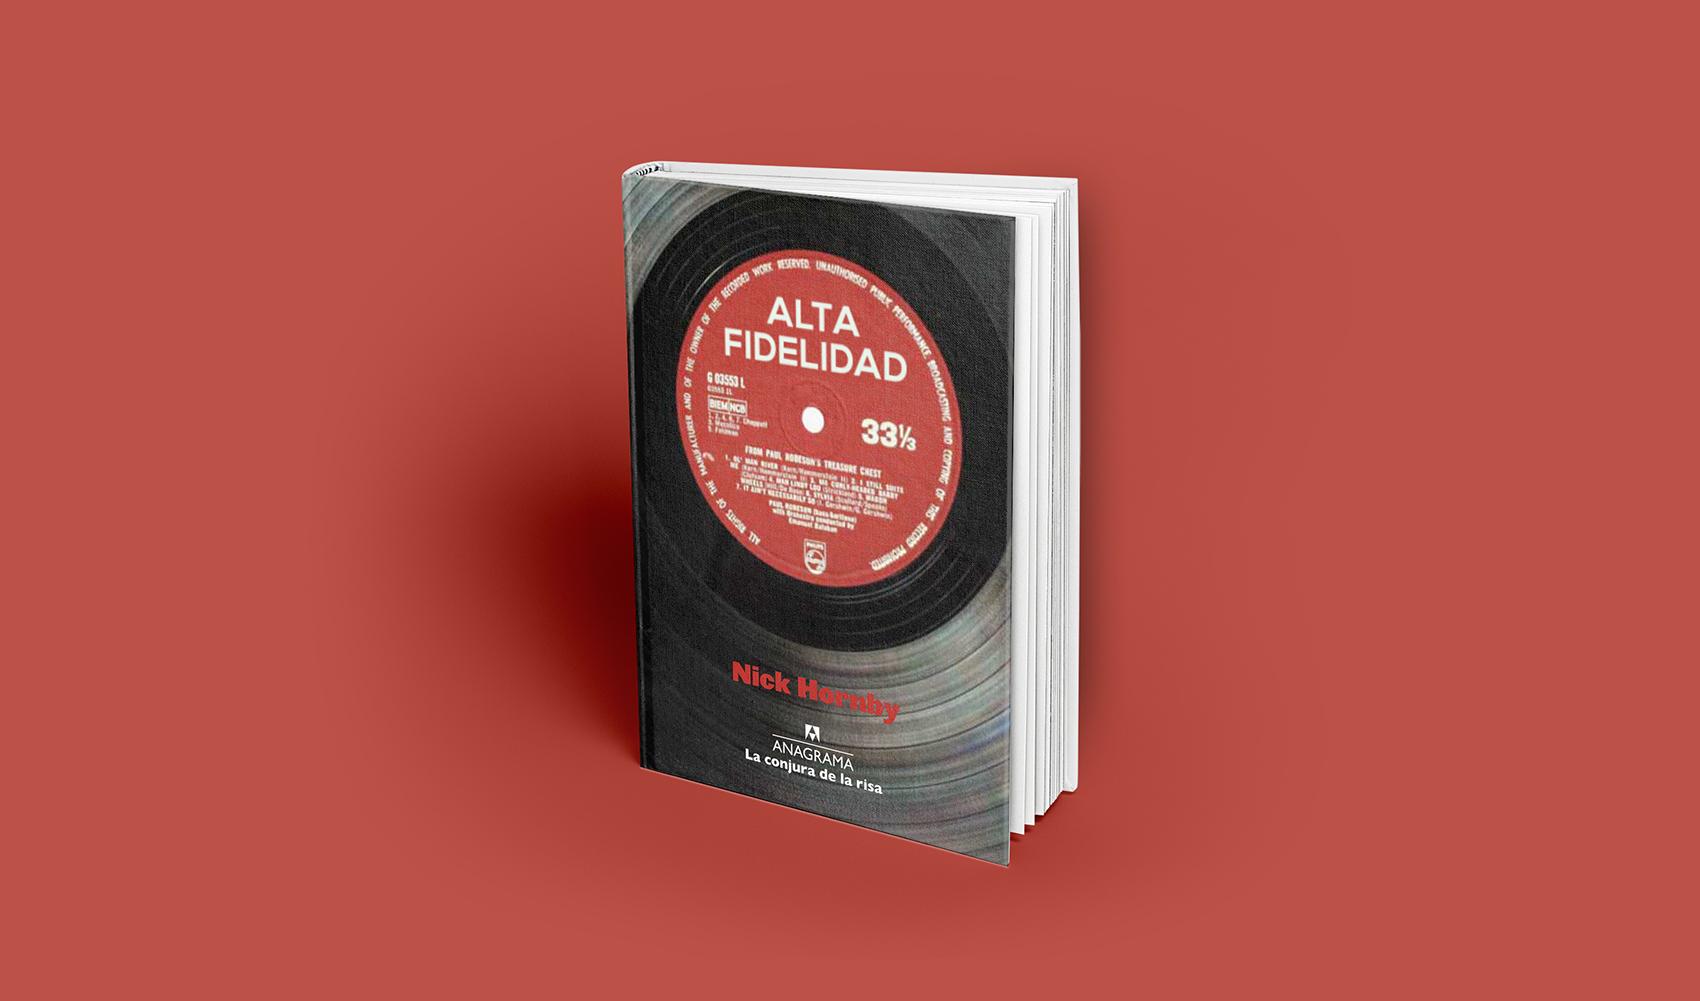 portada_libro_alta_fidelidad